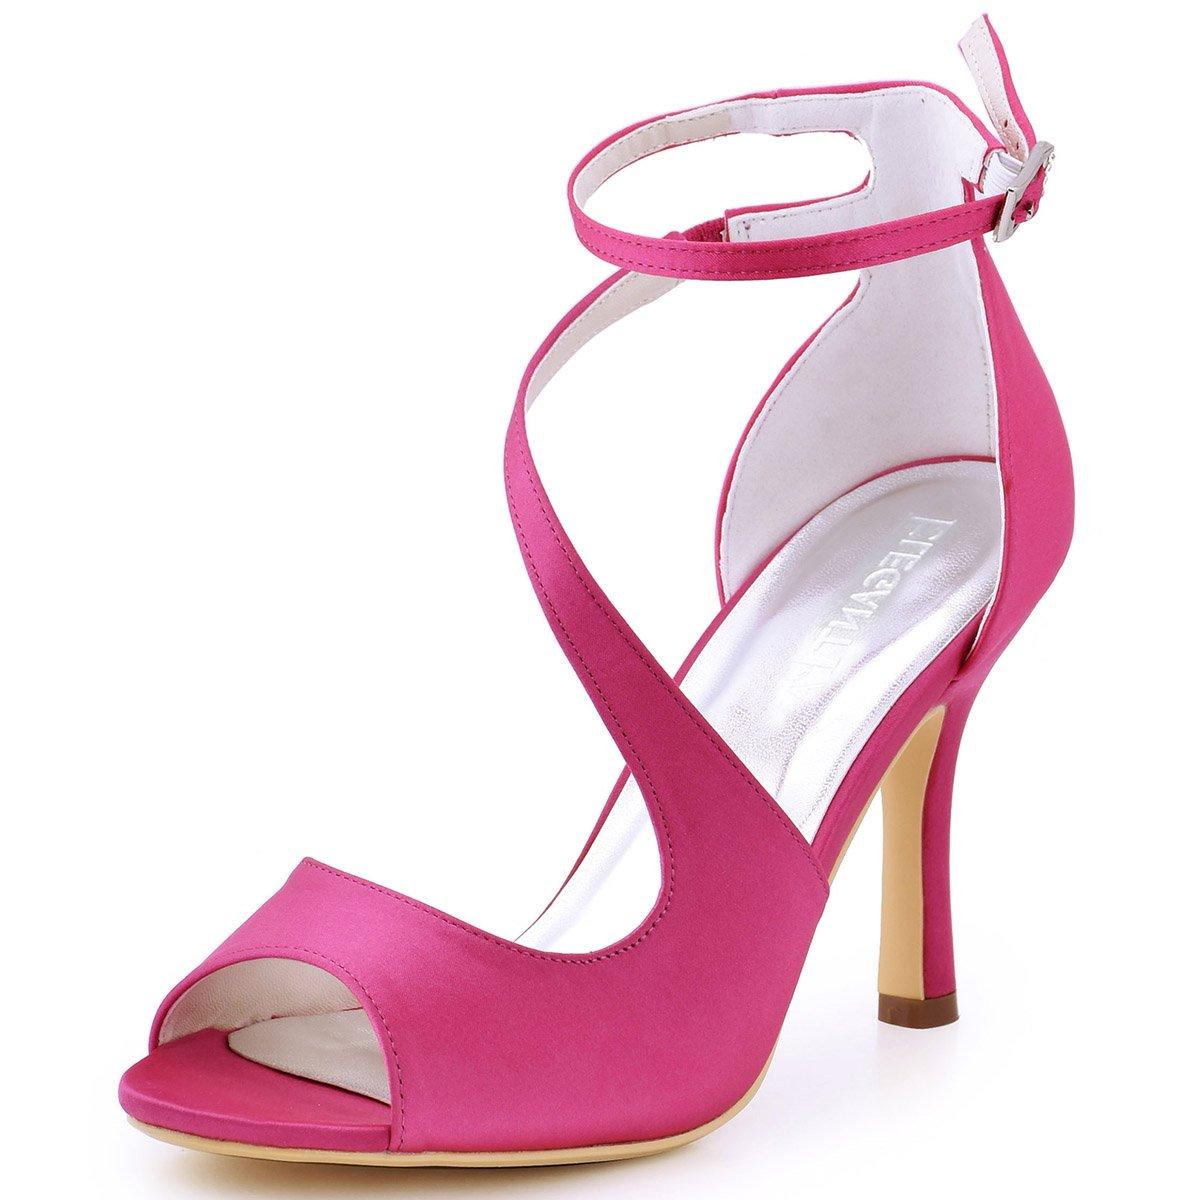 ElegantPark HP1505 Escarpins B000LEQMF2 Femme Bal Bout Ouvert Diamant Hotpink Btide Cheville Boucle Sandales Chaussures de mariee Bal Satin Hotpink d3ba740 - reprogrammed.space